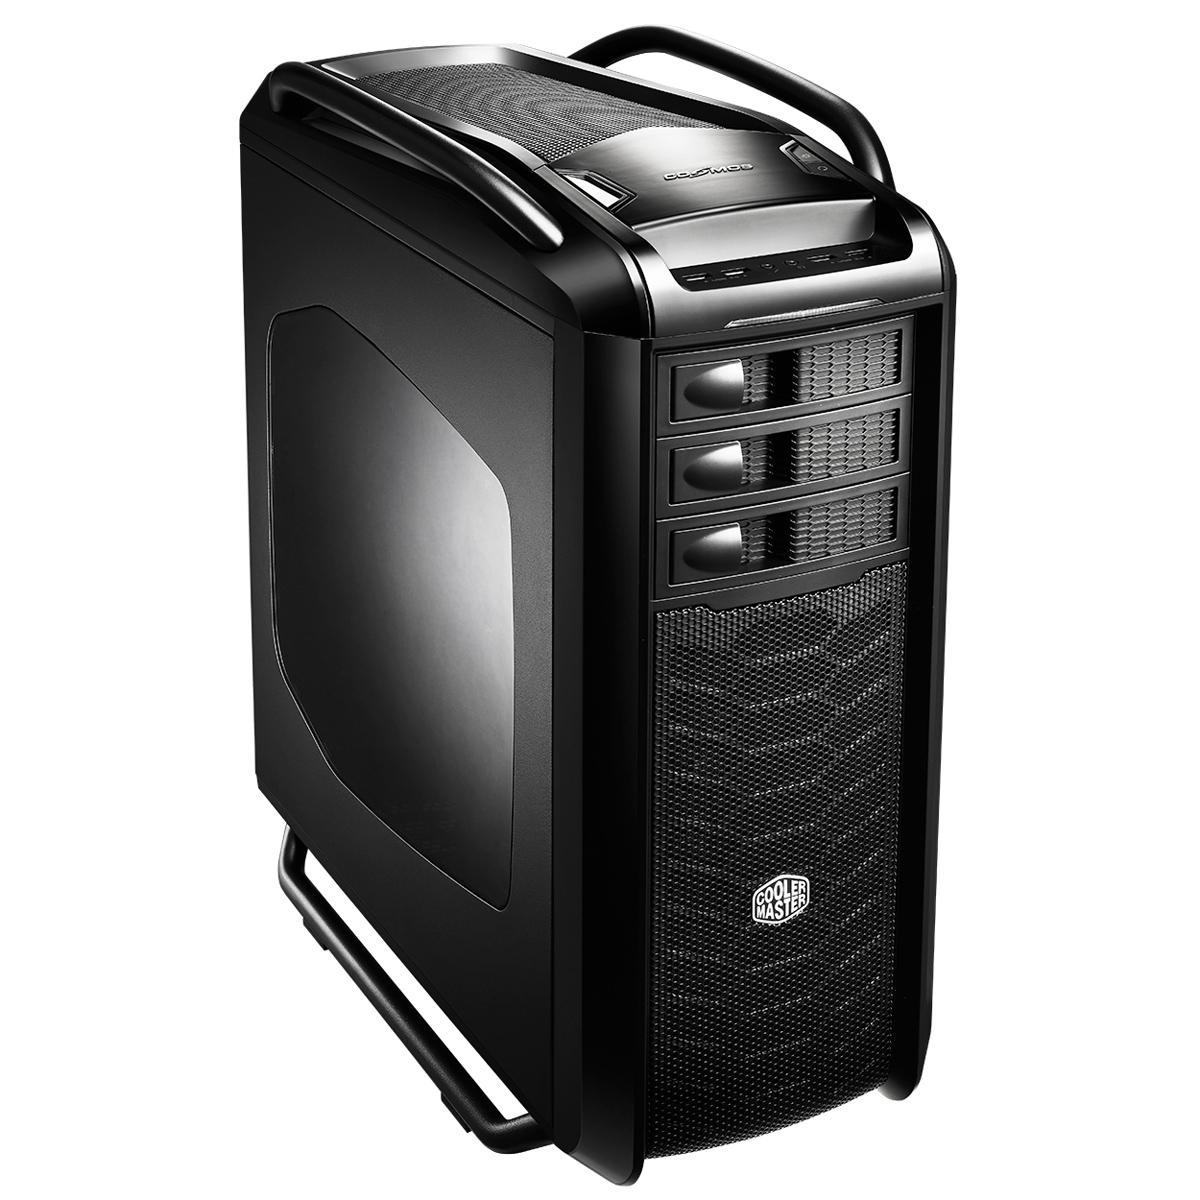 PC de bureau LDLC PC MAX4K Lite Intel Core i7-6700K (4.0 GHz) 16 Go SSD 240 Go + HDD 2 To NVIDIA GeForce GTX 970 4Go Lecteur Blu-Ray (sans OS - monté)